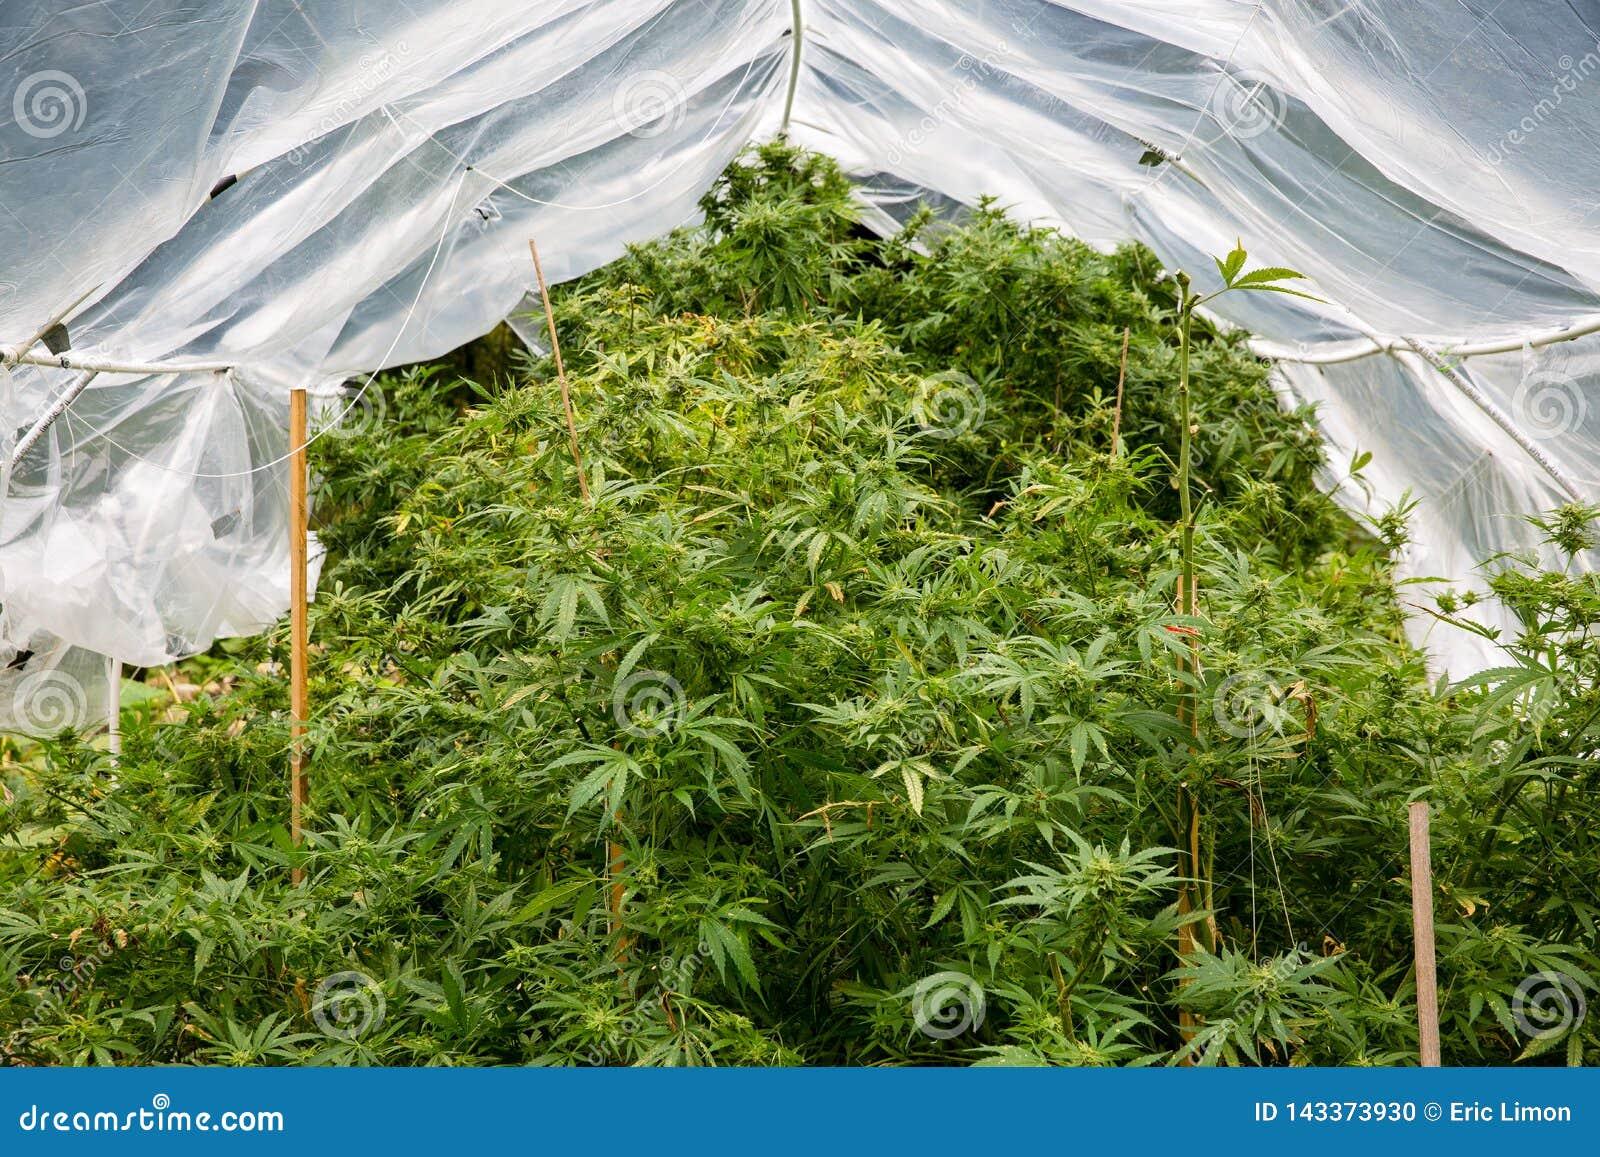 Картинки конопли много марихуана в финляндии